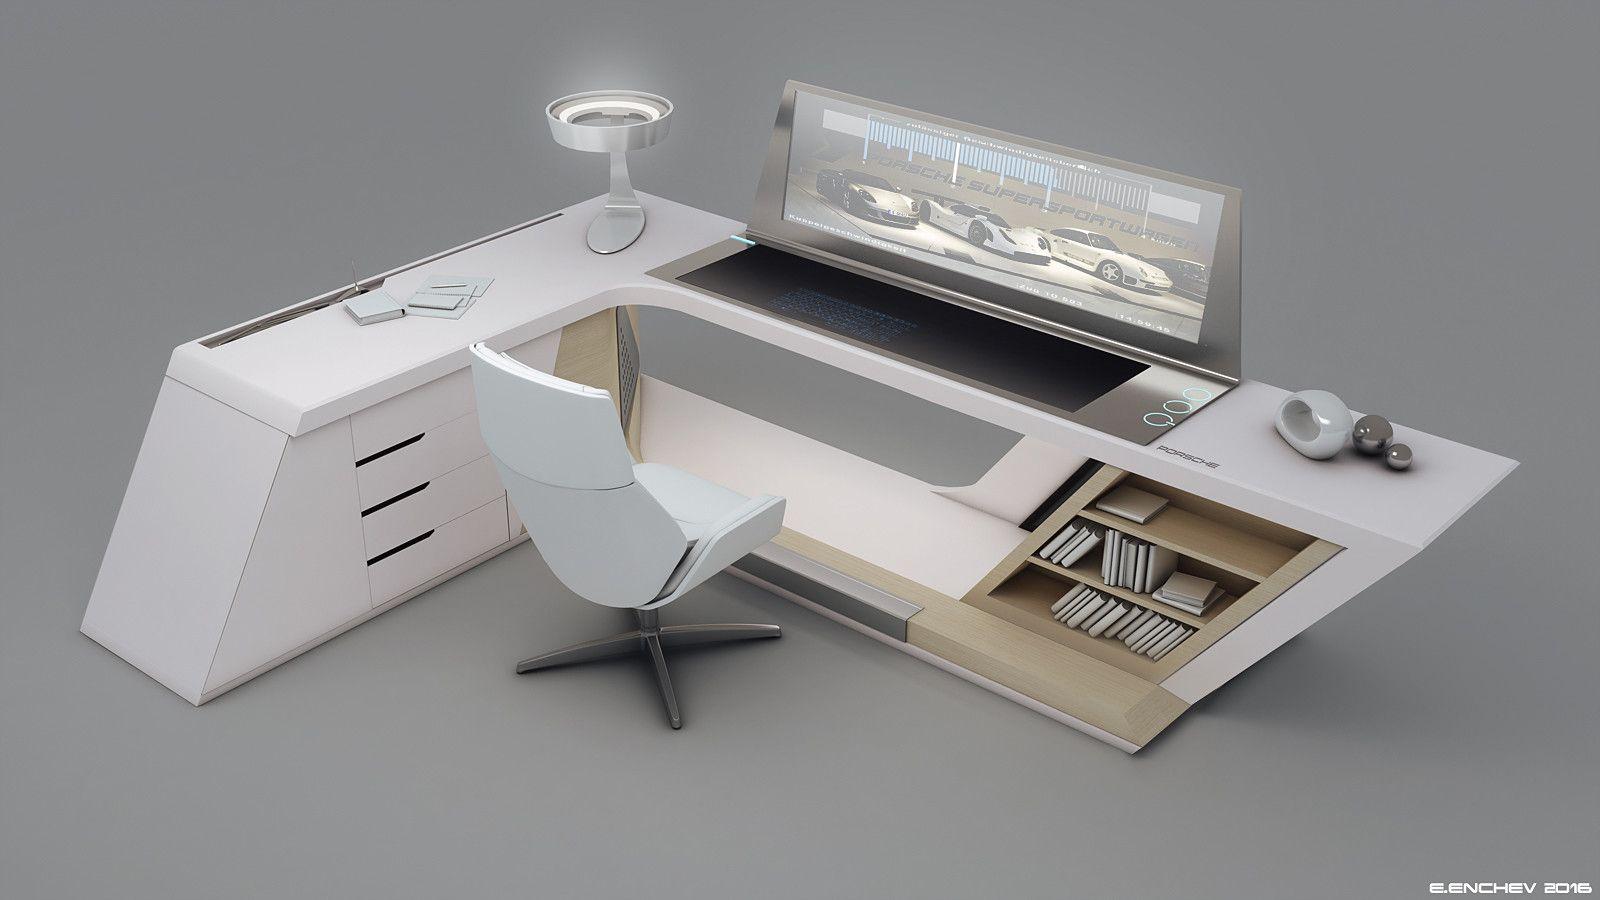 Porsche Desk V0.2, Encho Enchev